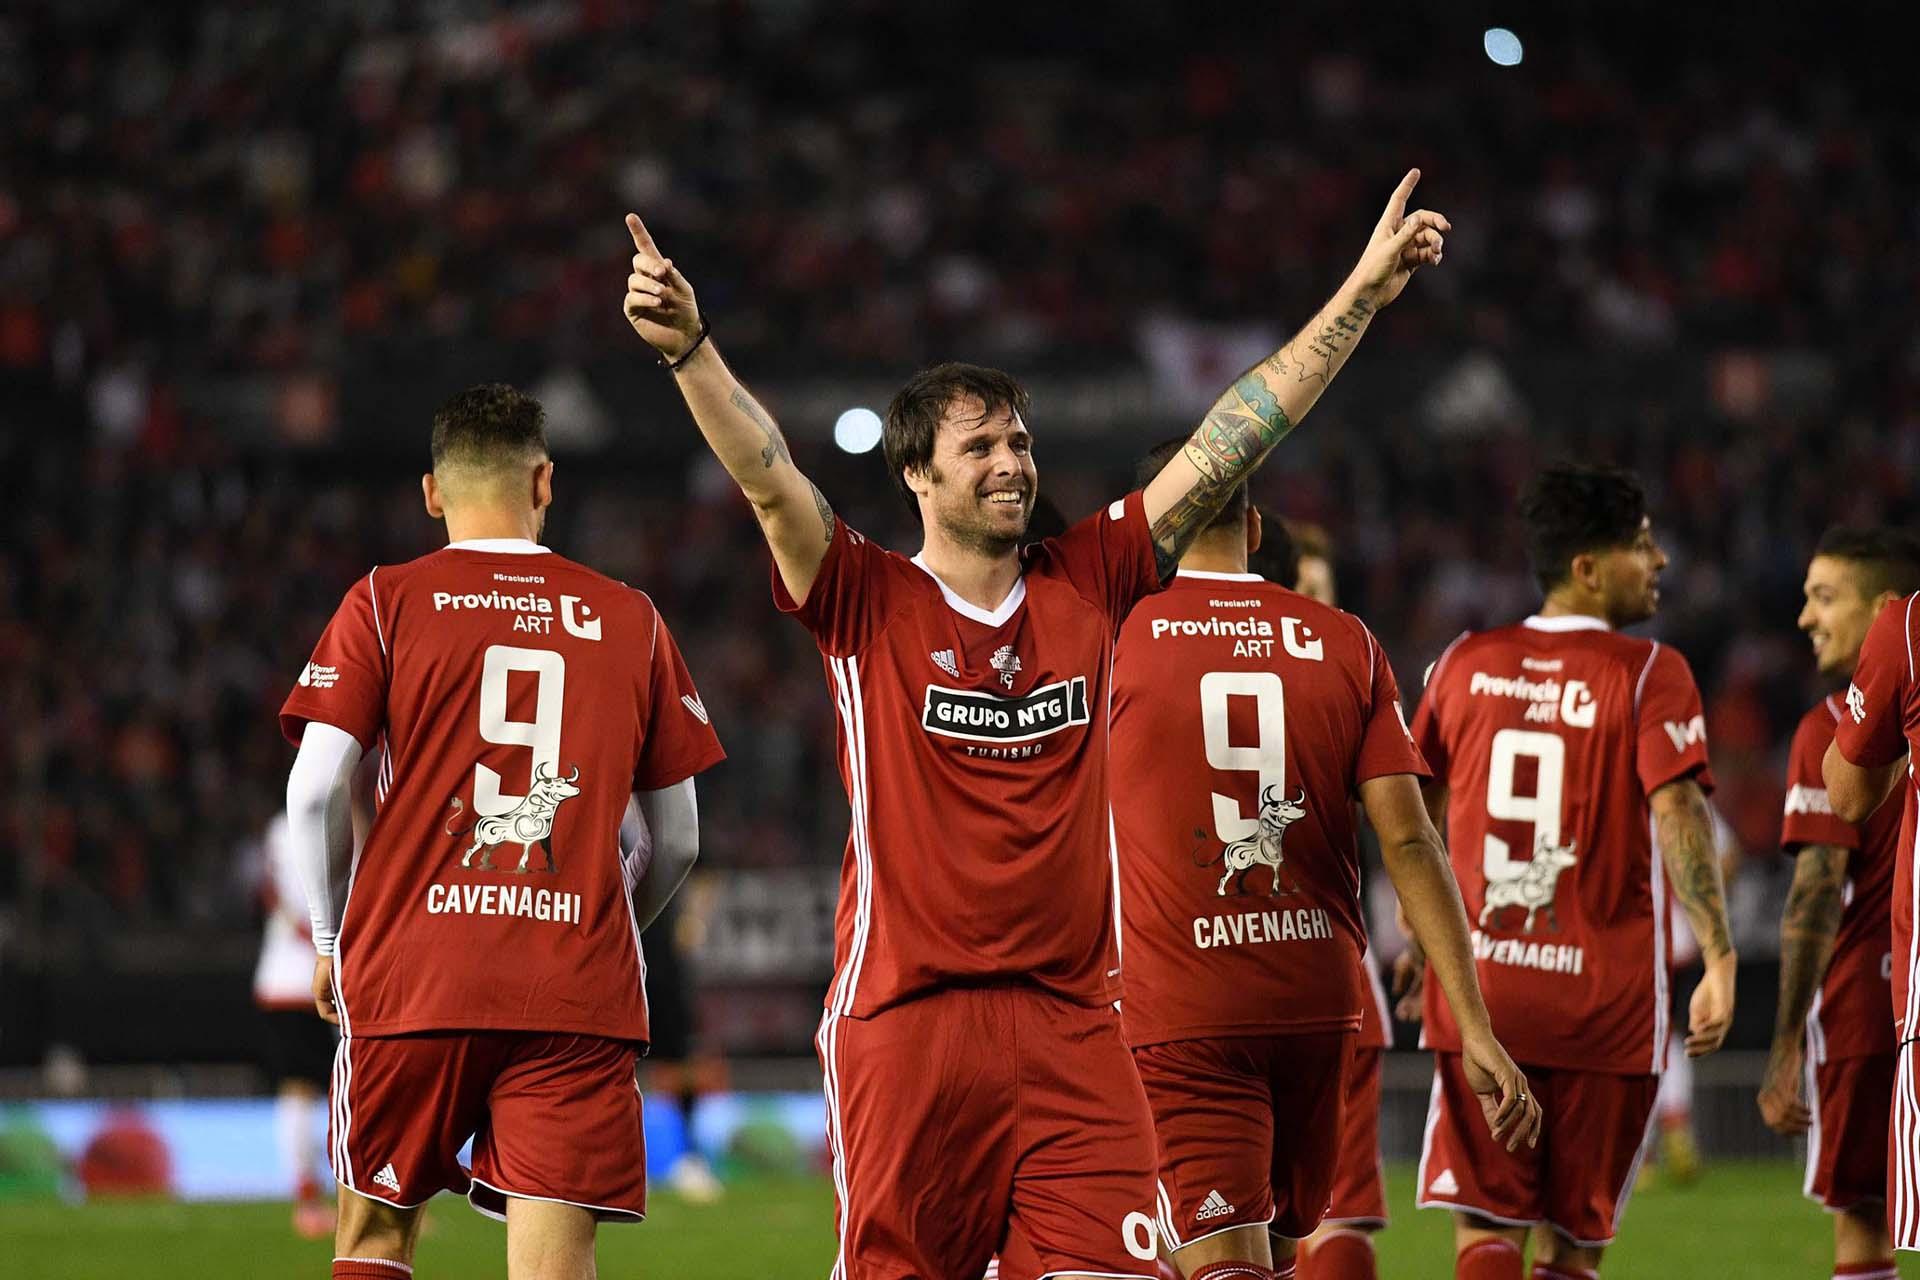 El festejo de Fernando Cavenaghi en uno de sus goles